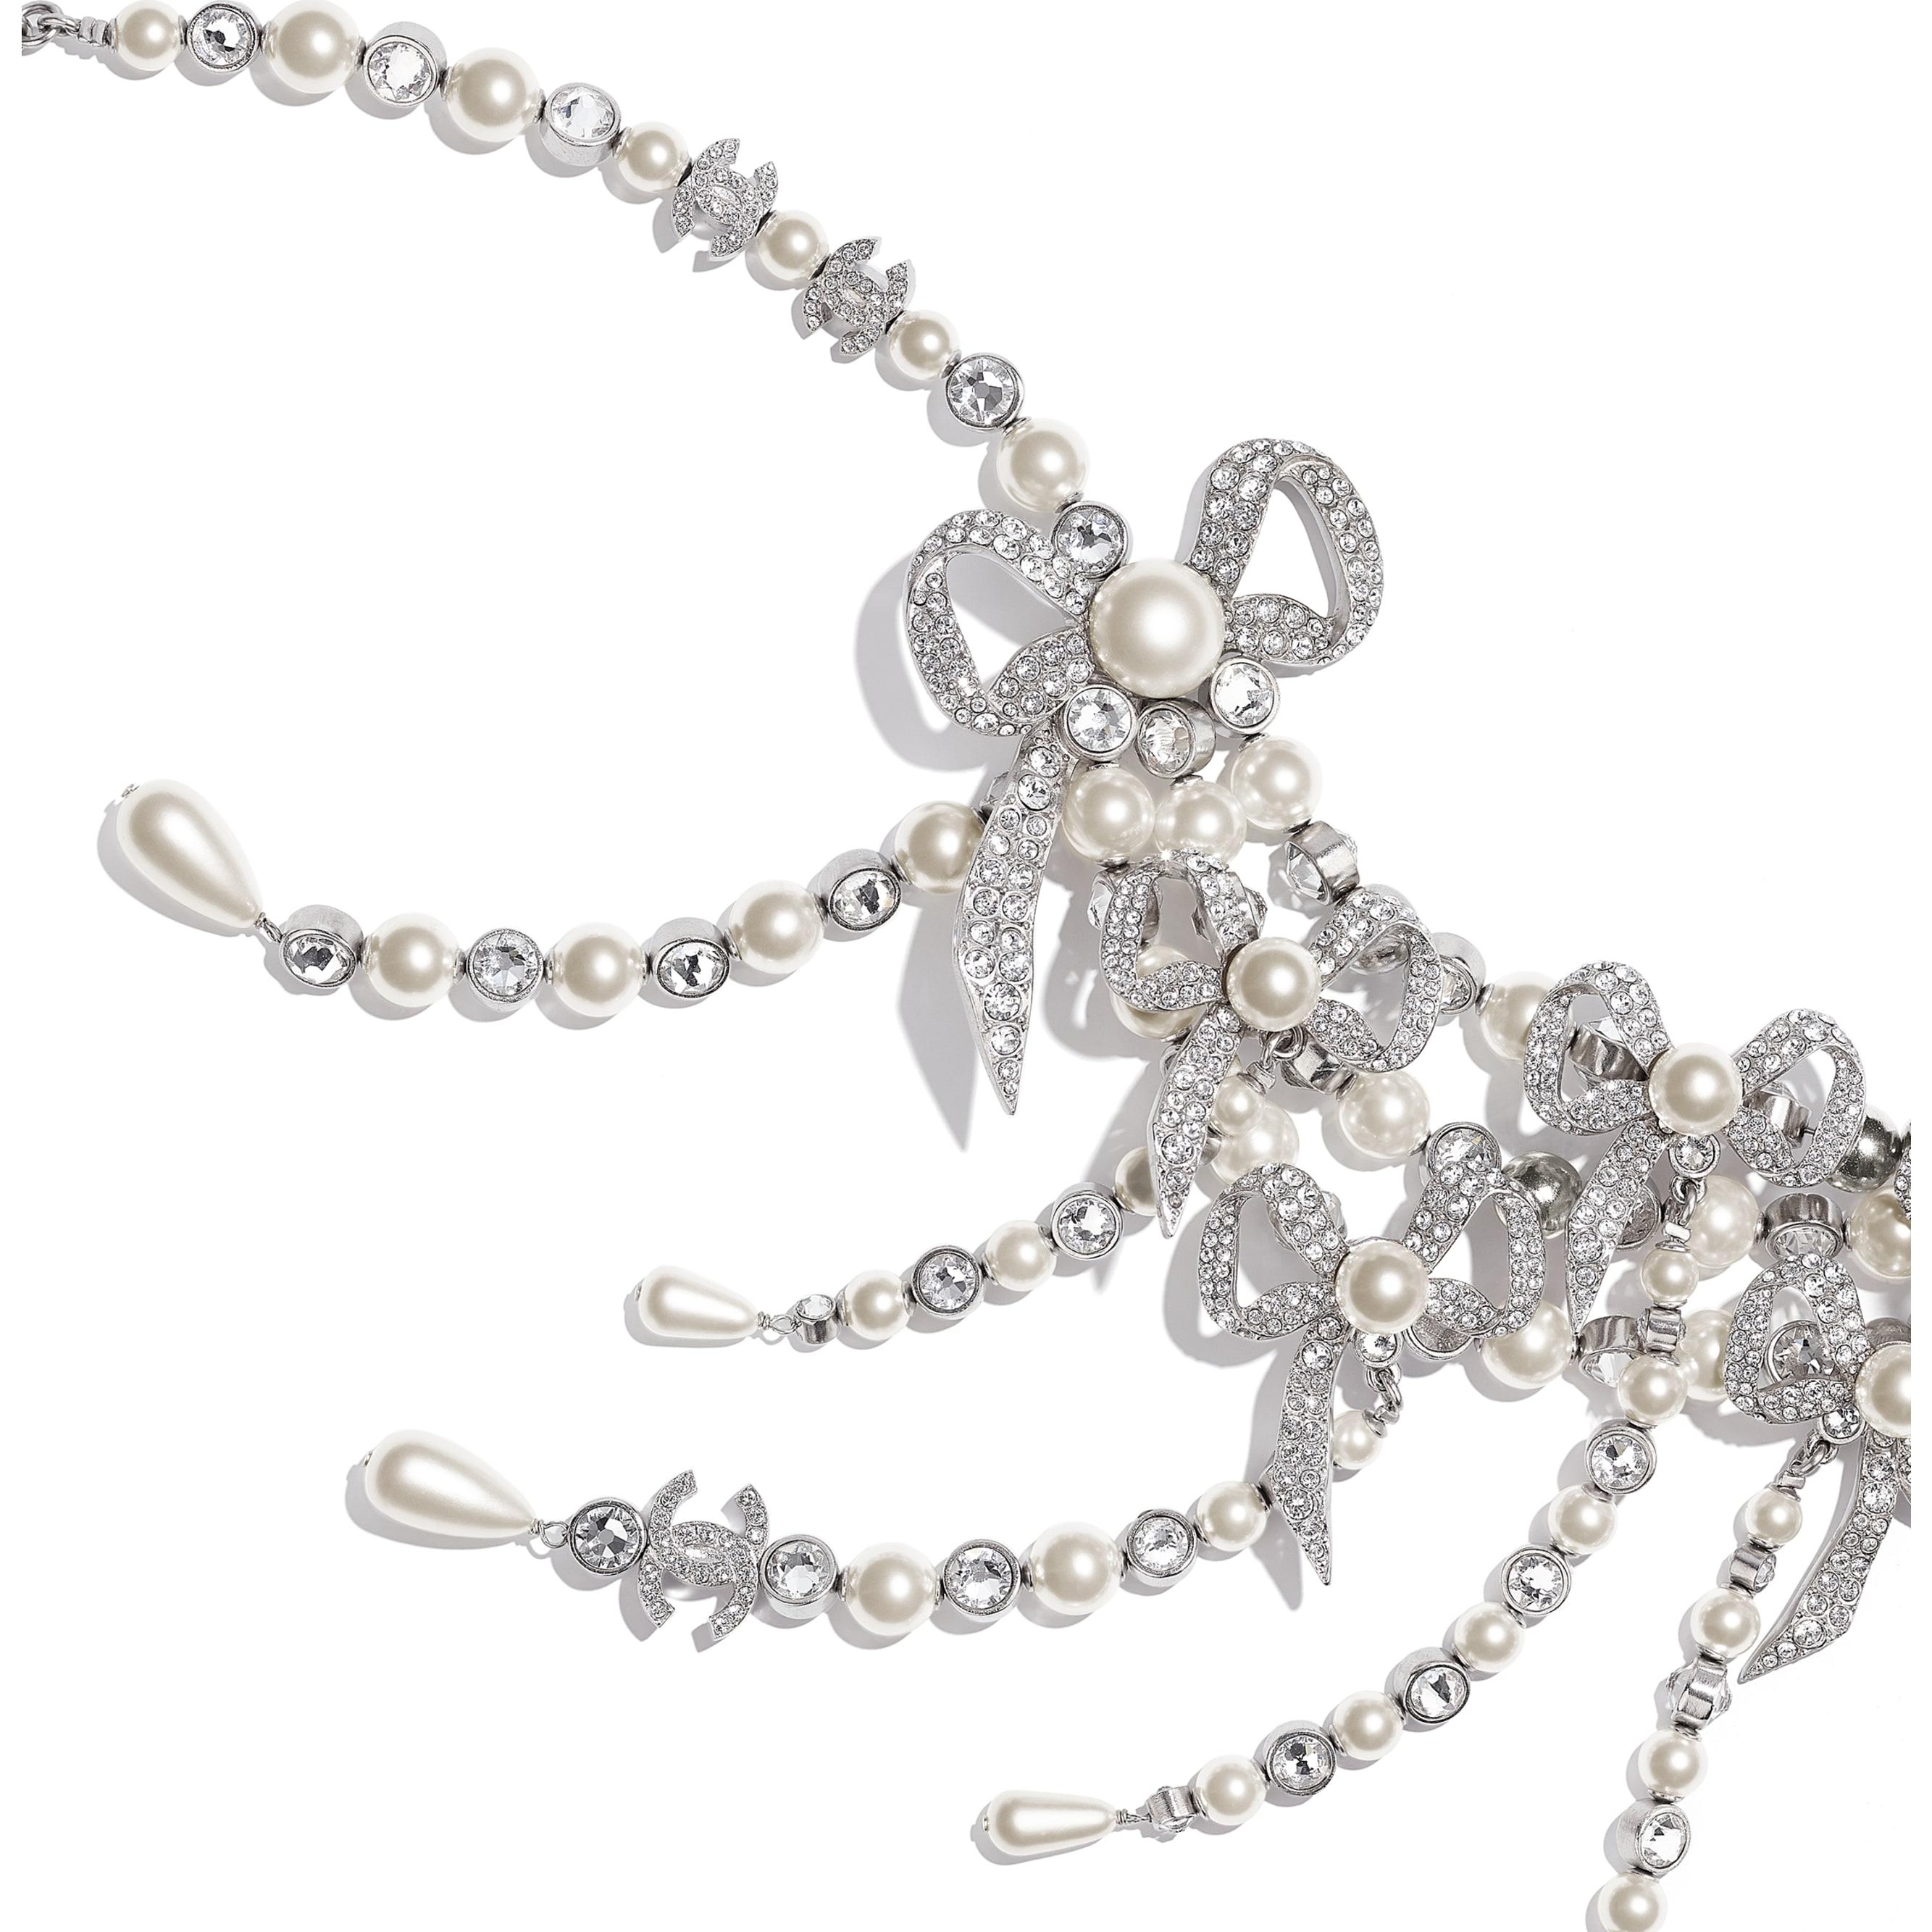 Collier - Argenté, blanc nacré & cristal - Métal, perles de verre & strass - CHANEL - Vue alternative - voir la version taille standard